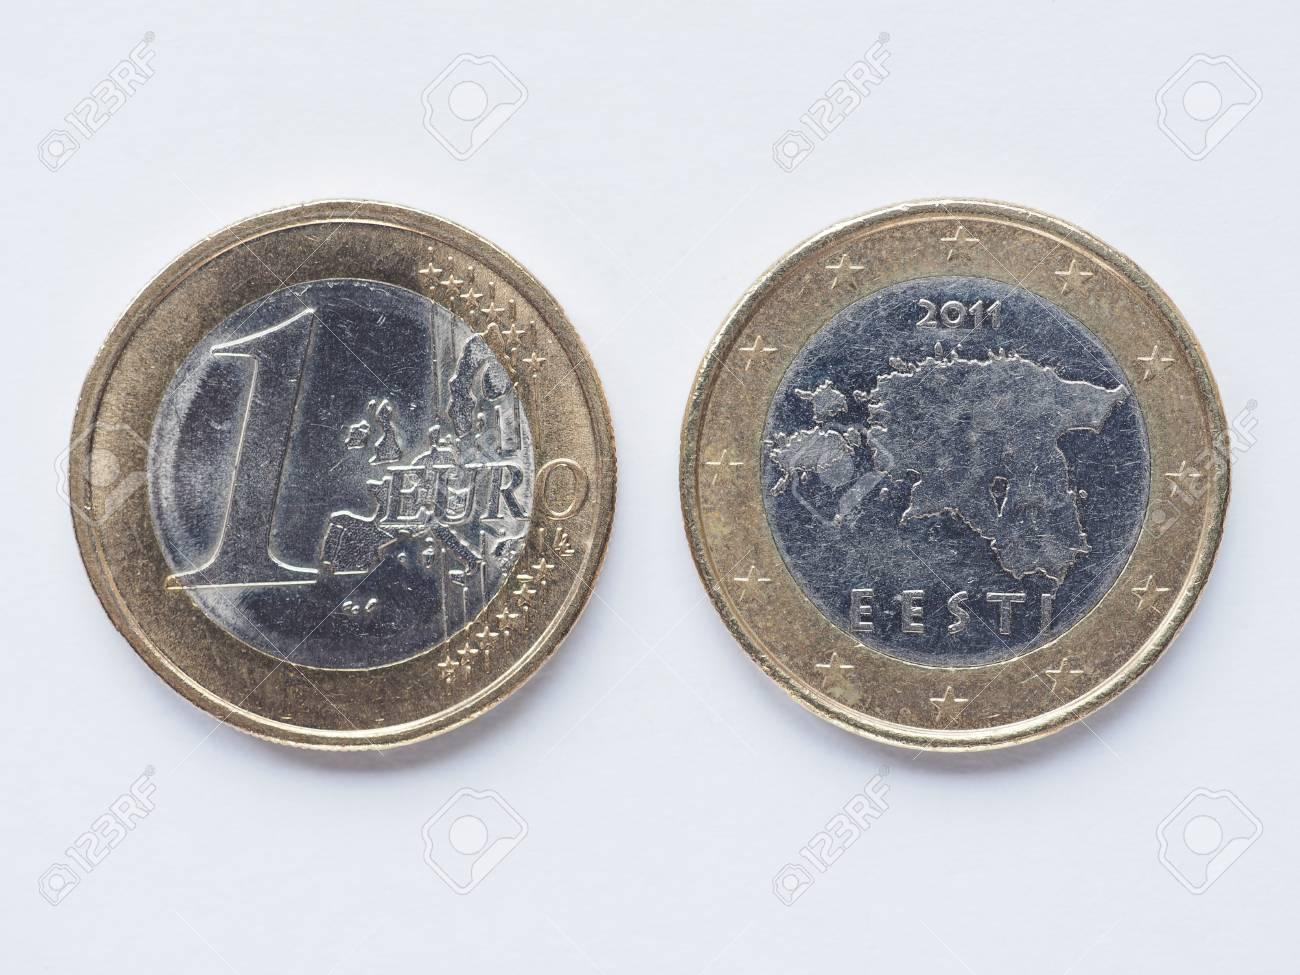 Währung Von Europa 1 Euro Münze Aus Estland Lizenzfreie Fotos